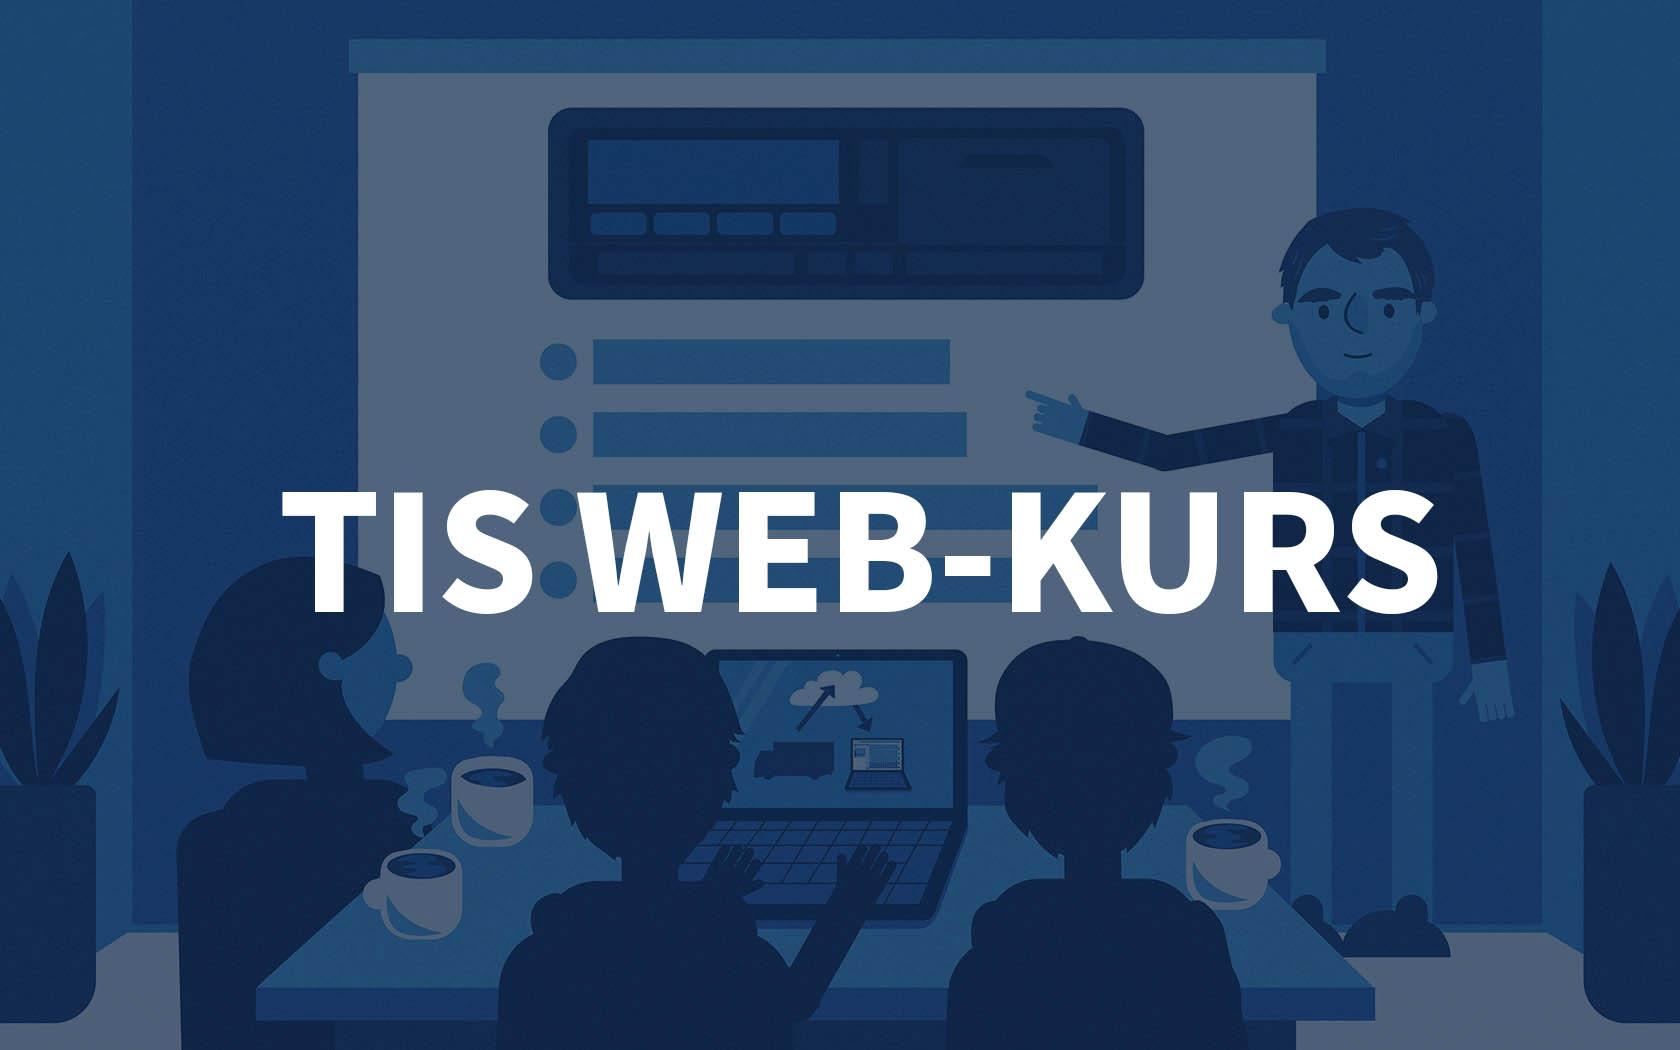 Grafisk bilde av et kursrom hos Fartskriver AS med teksten TIS WEB-kurs